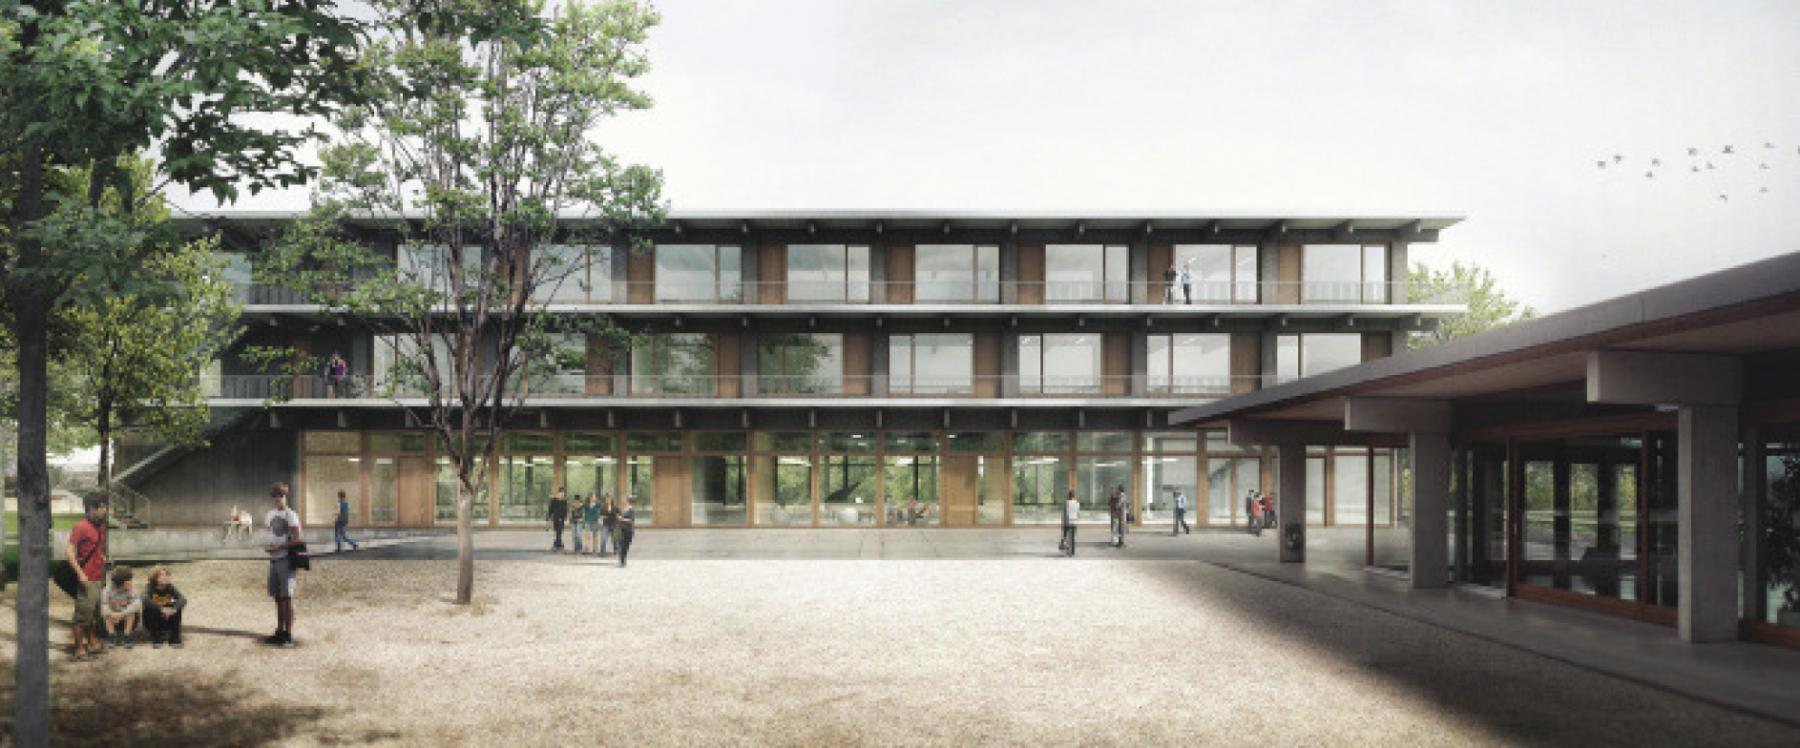 Erweiterung Oberstufenschulhaus Weiden, Rapperswil-Jona, Karamuk Kuo Architekten, INIGO